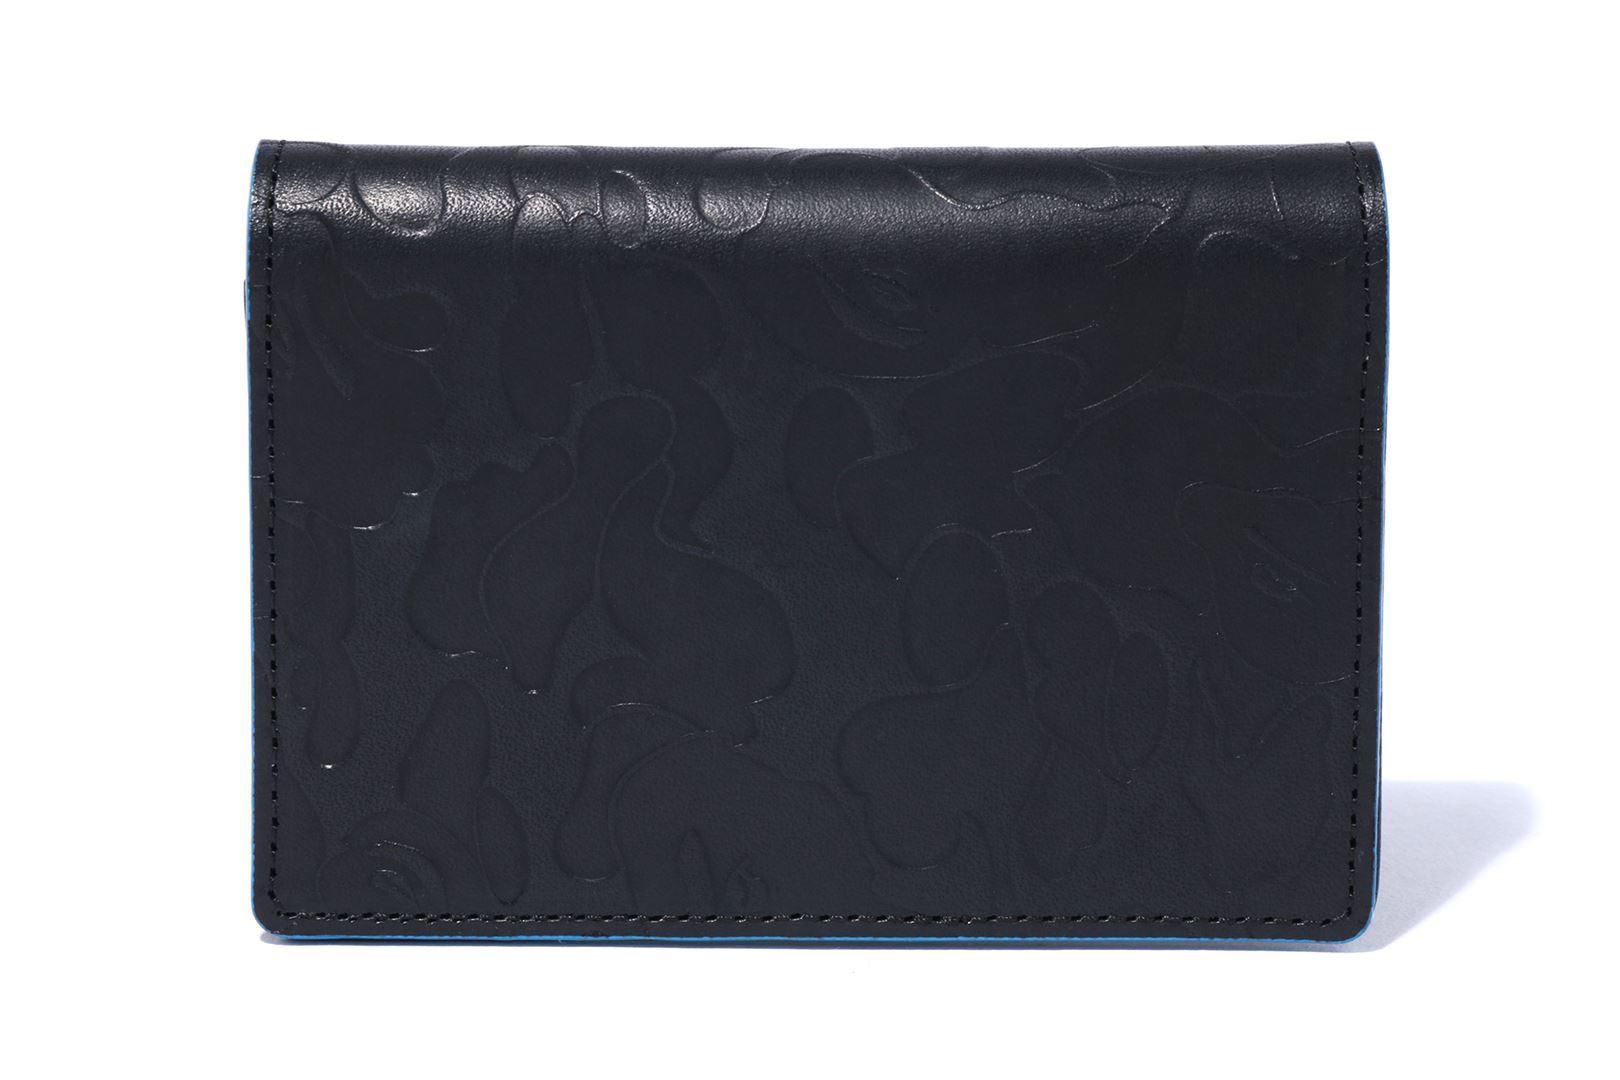 SOLID CAMO BUSINESS CARD CASE / CARD CASE / COIN CASE_a0174495_12590033.jpg